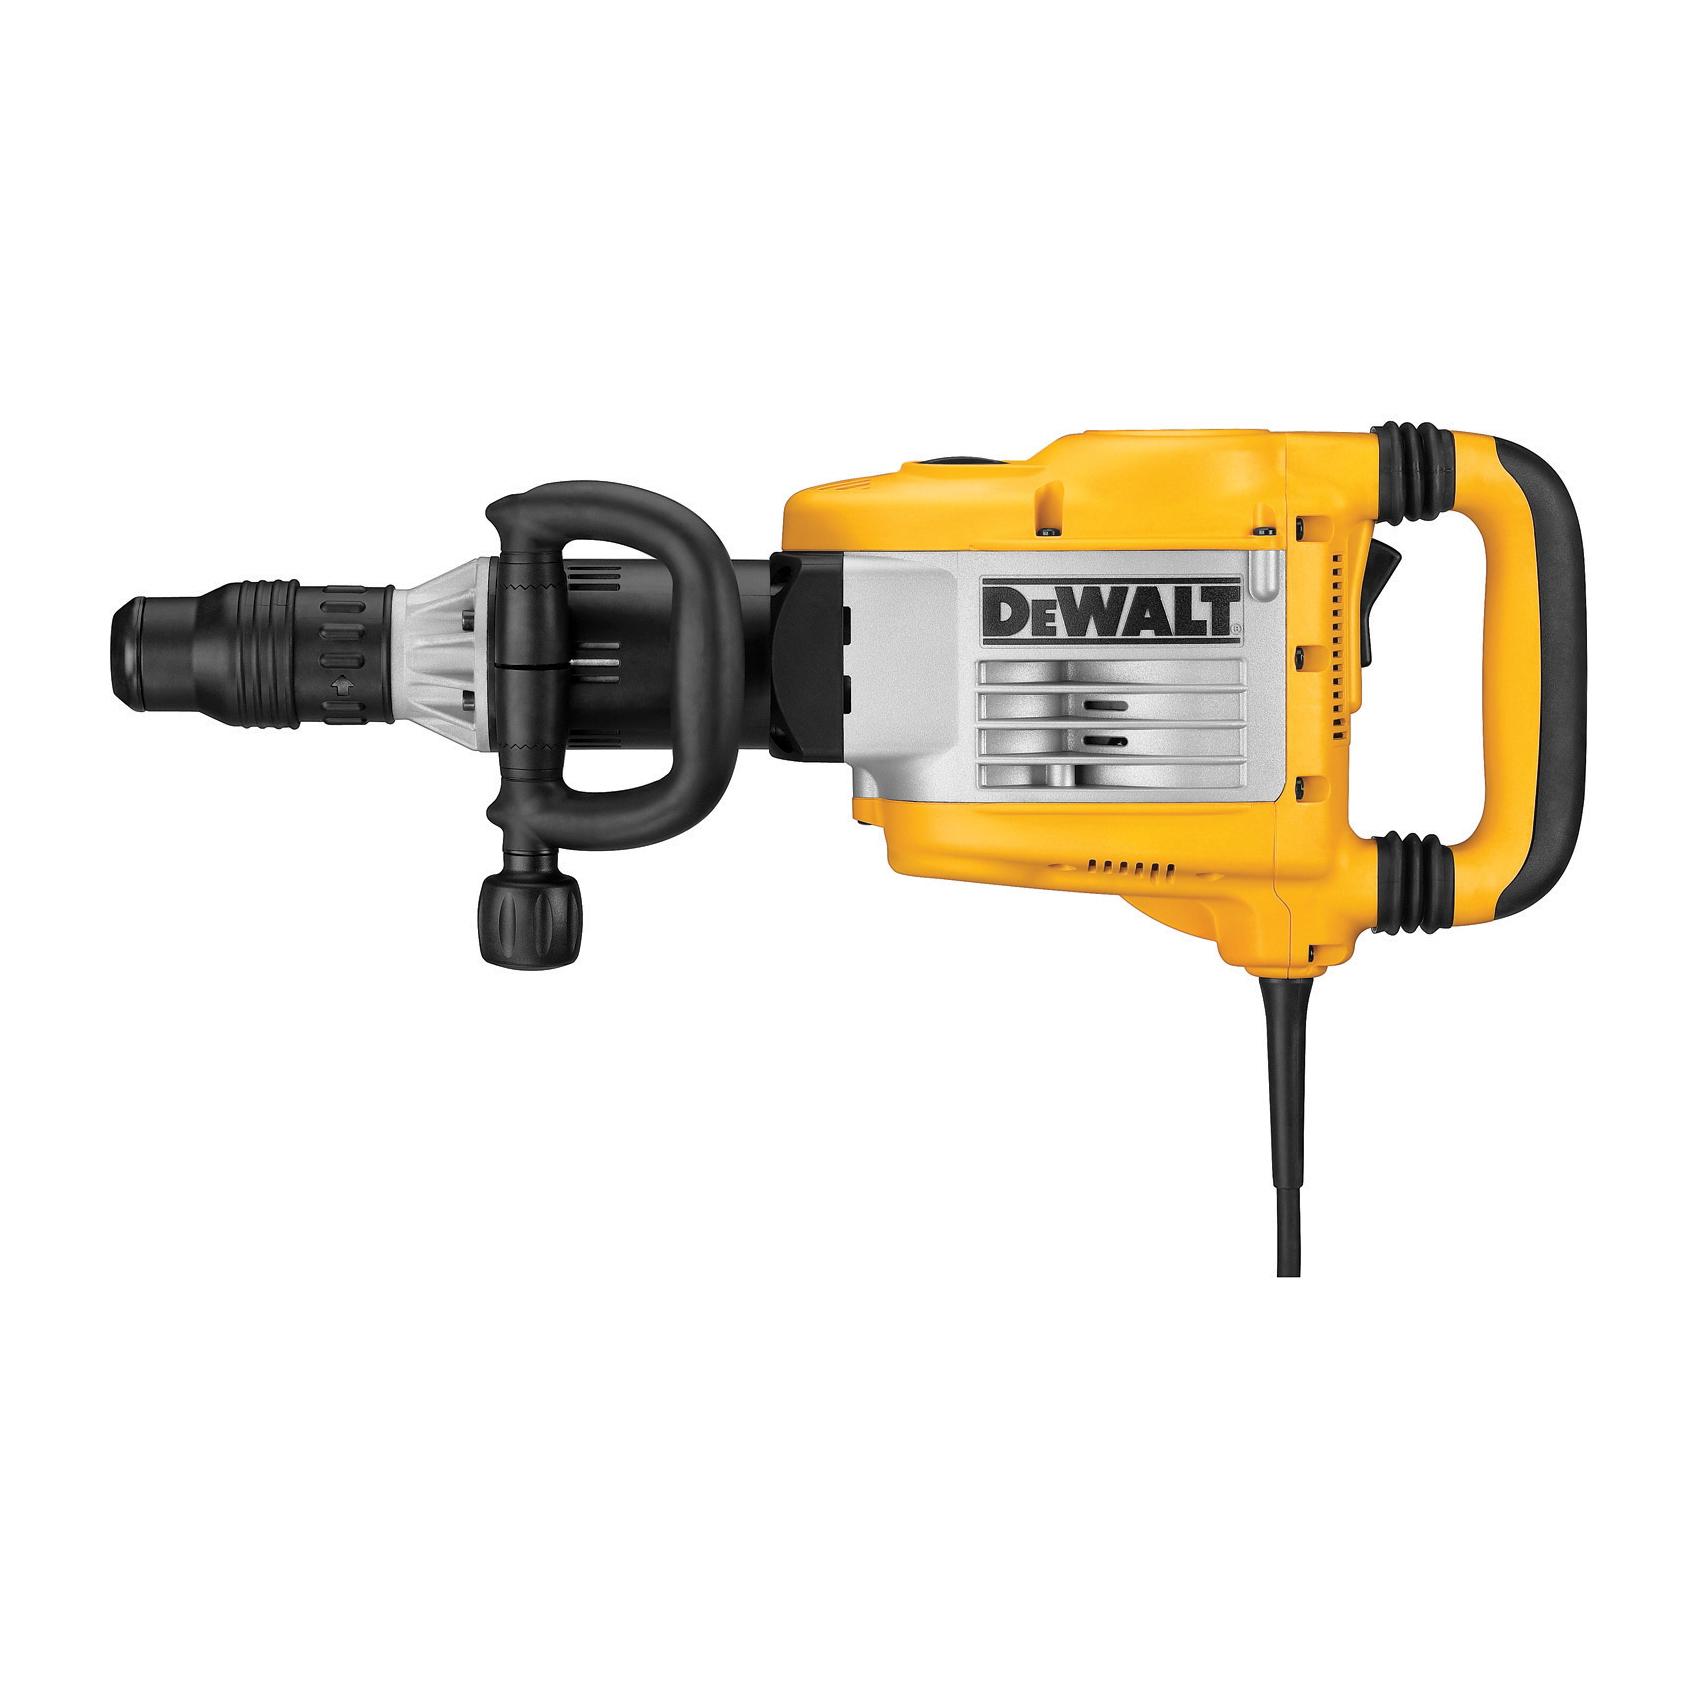 DeWALT® D25901K Demolition Hammer Kit, 1020 to 2040 bpm, 3/4 in Chuck